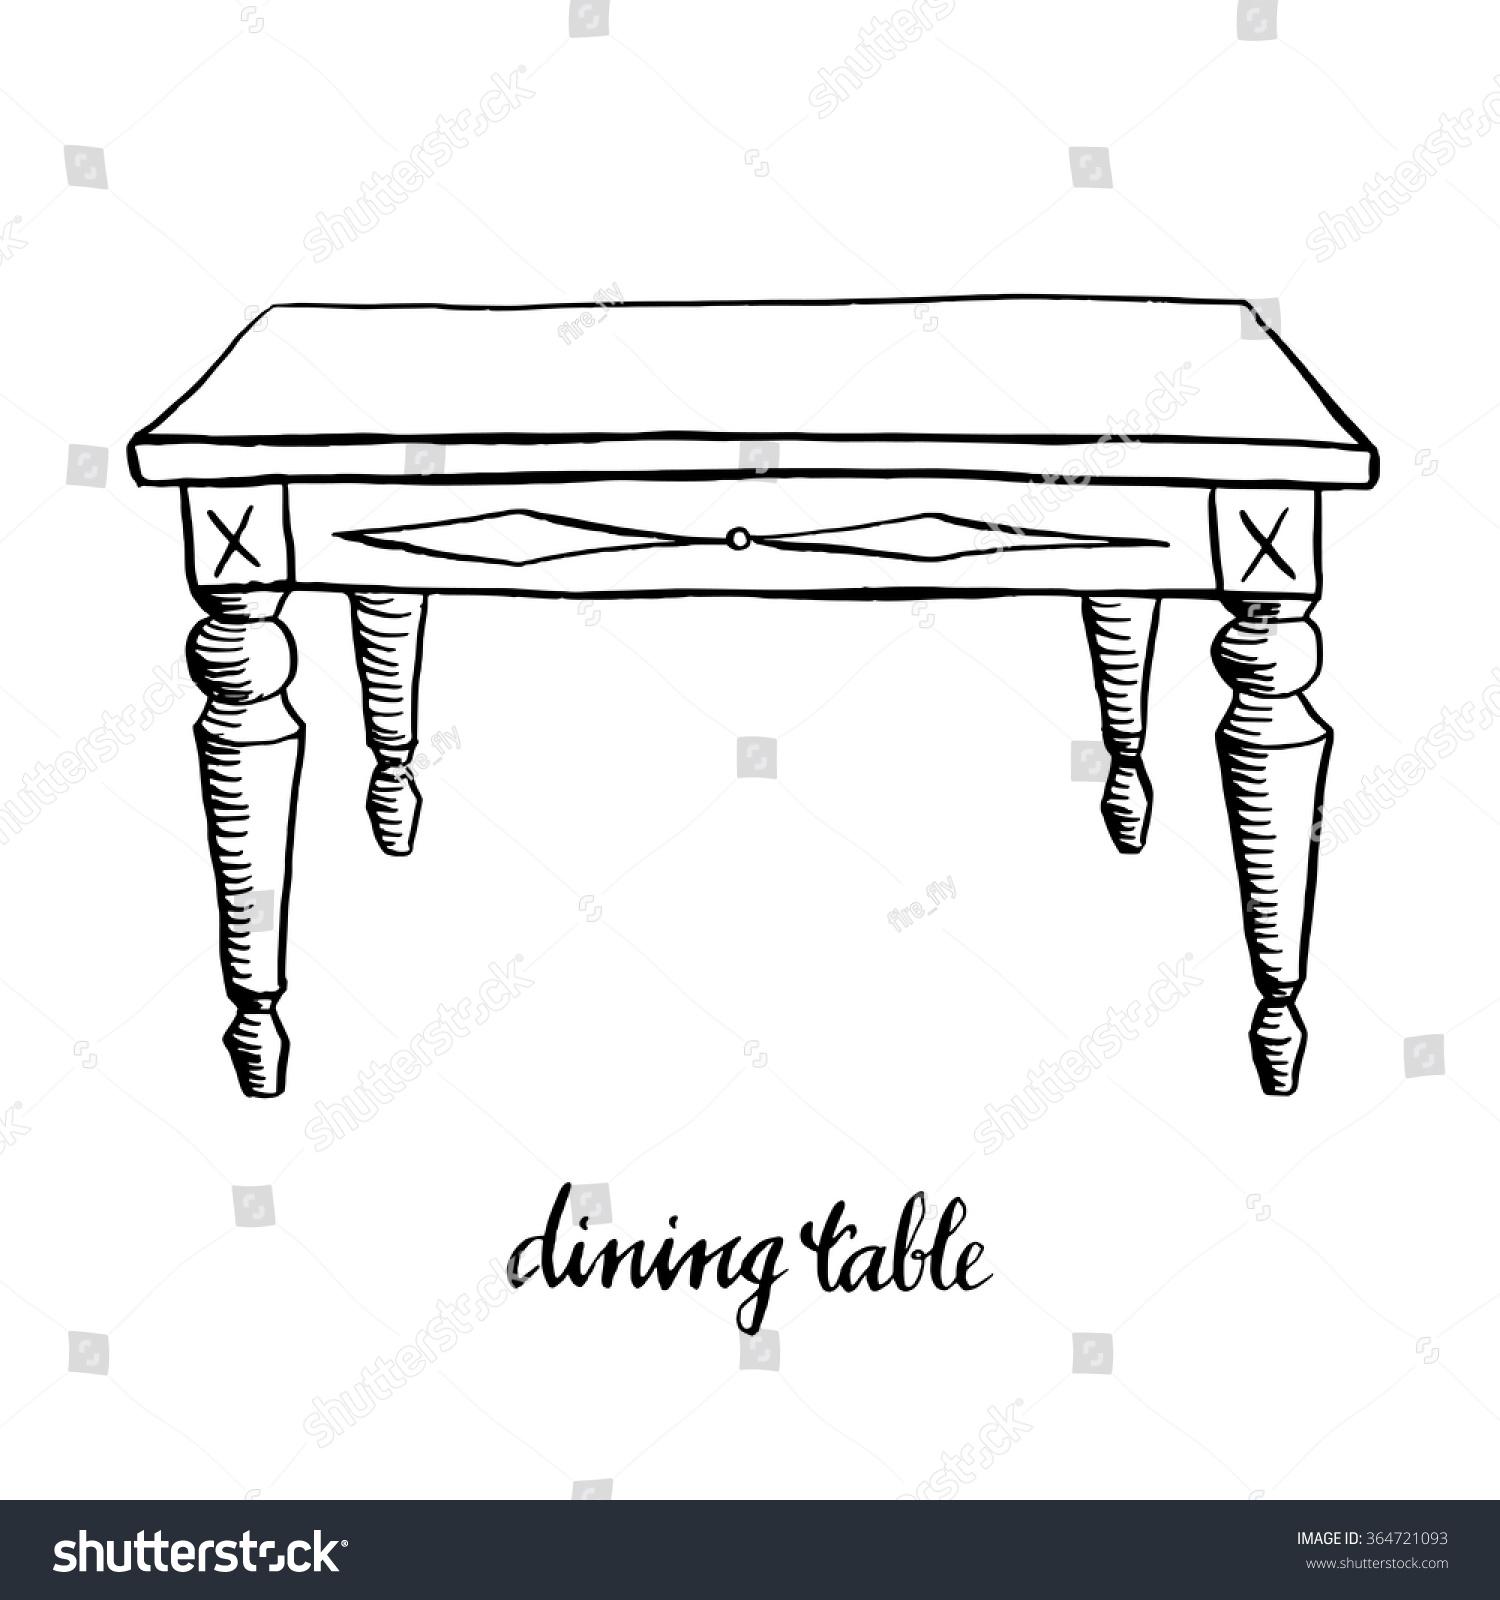 Vintage dining table vintage furniture interior design for Table design sketch